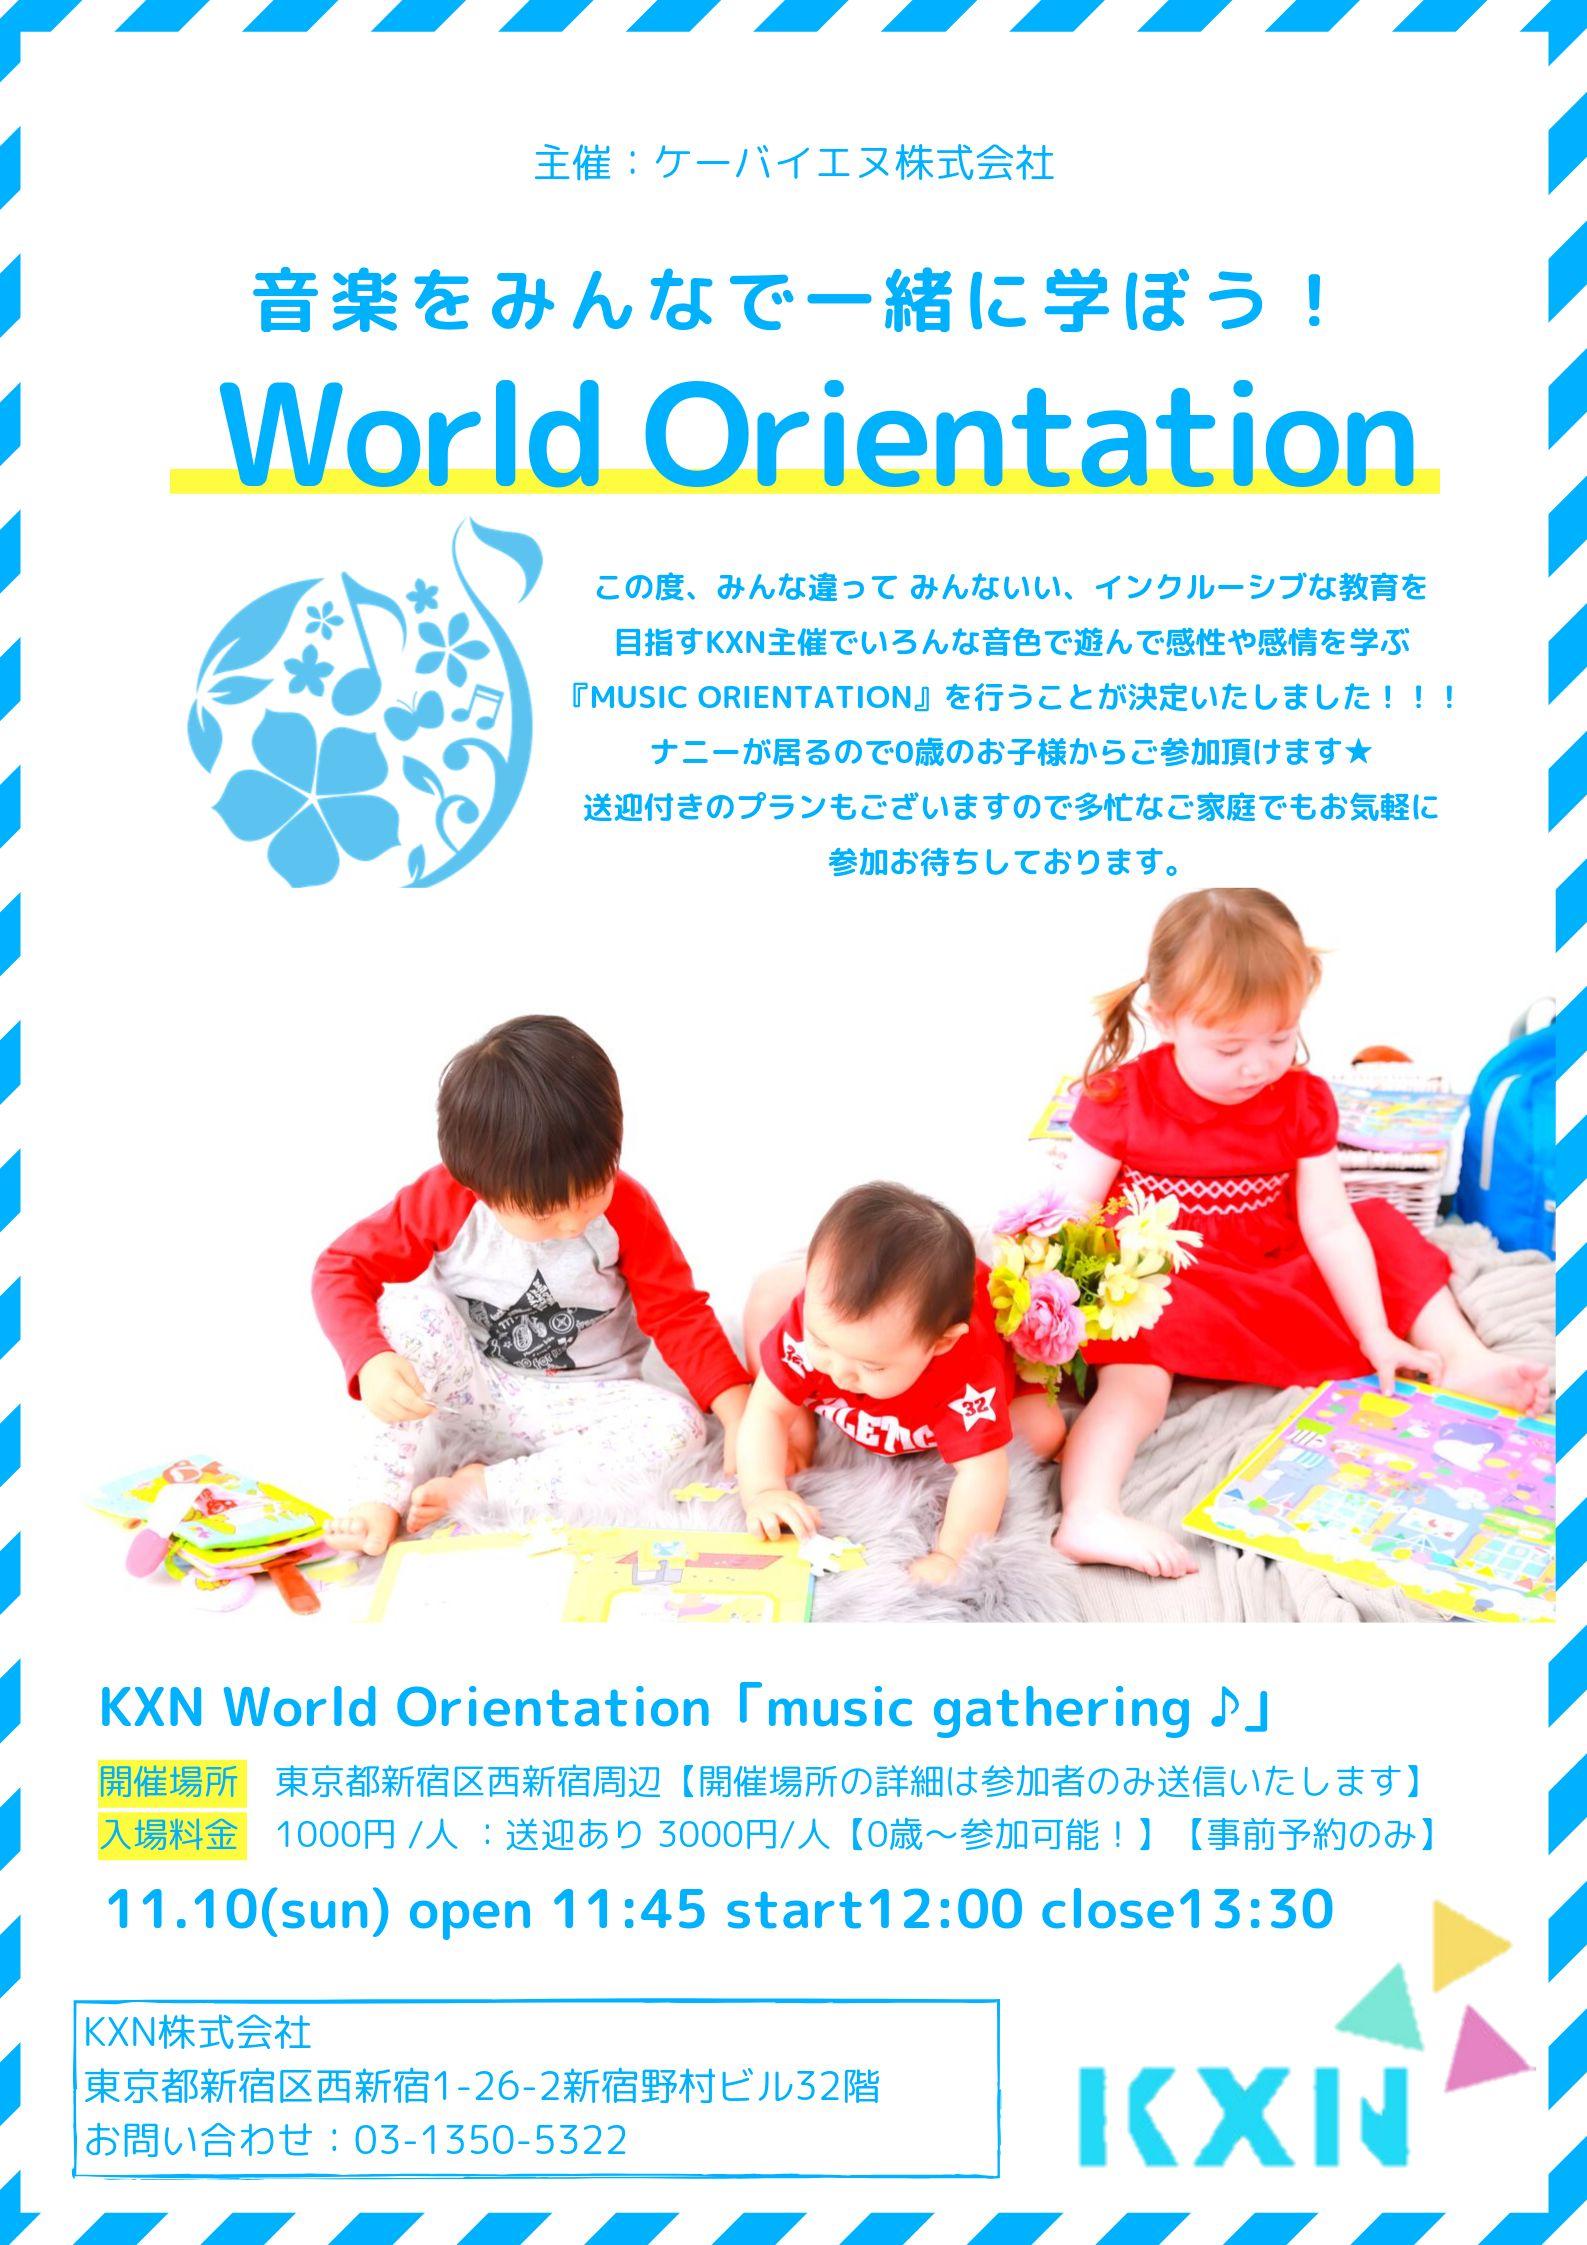 【音楽をみんなで一緒に学ぼう!】 World Orientation